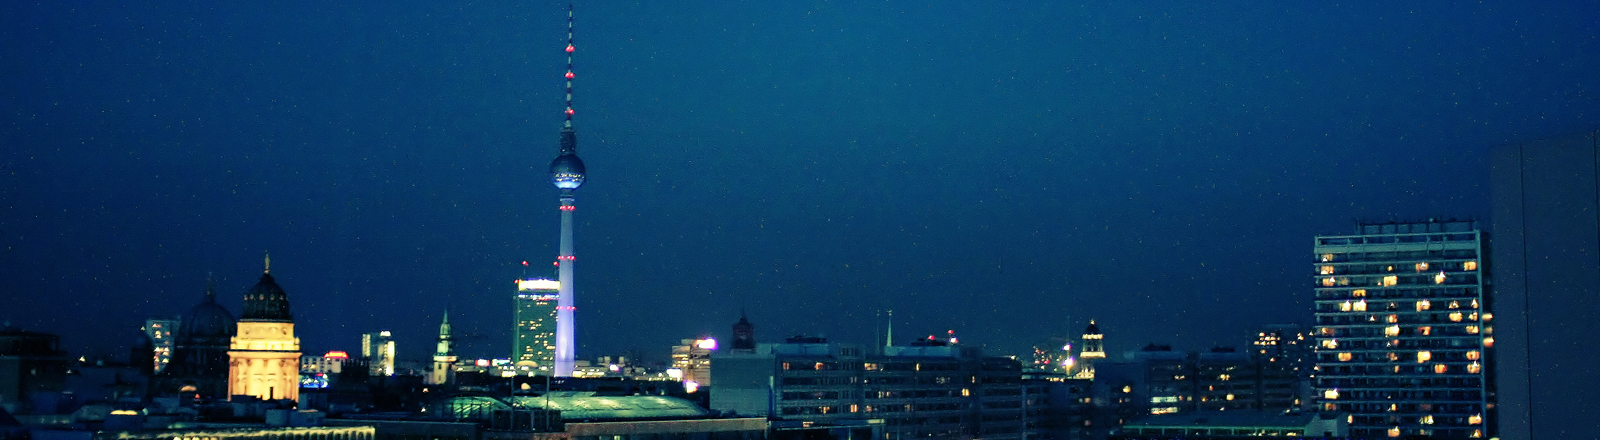 Die Stadtsilhouette von Berlin bei Nacht